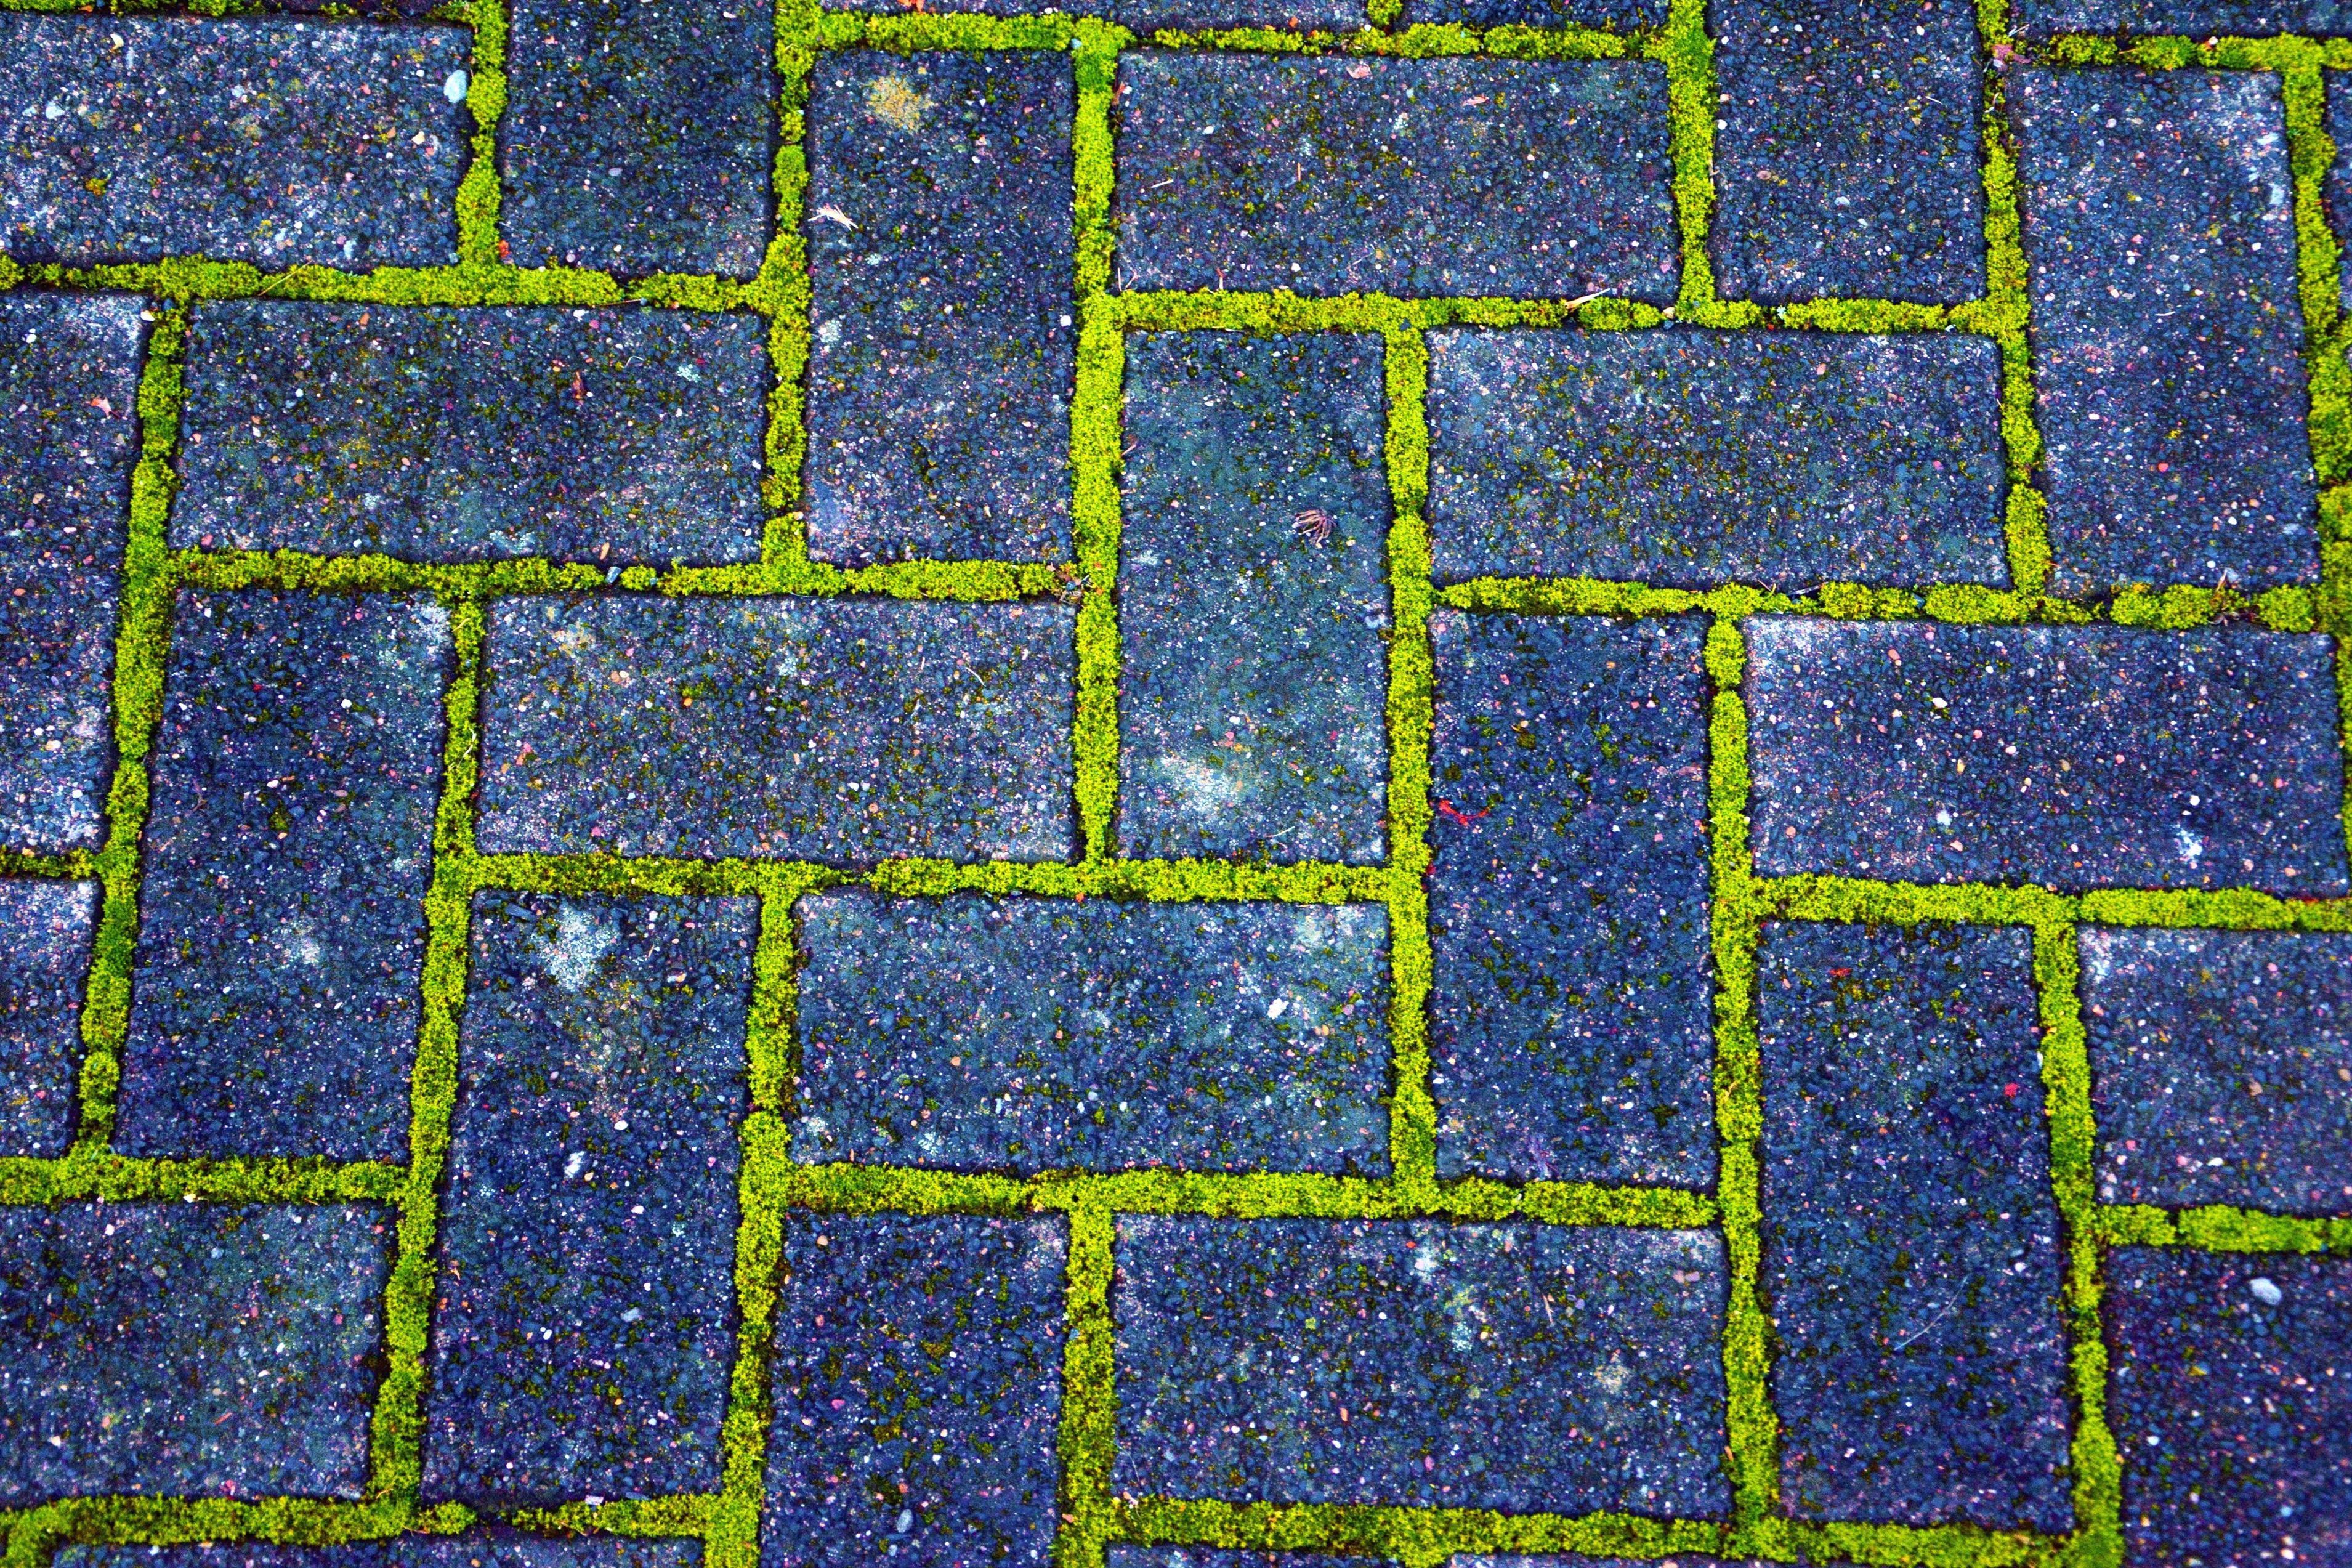 kostenlose bild: ziegel, pflaster, ziegel, moos, pfad, pflanze, textur, Gartenarbeit ideen